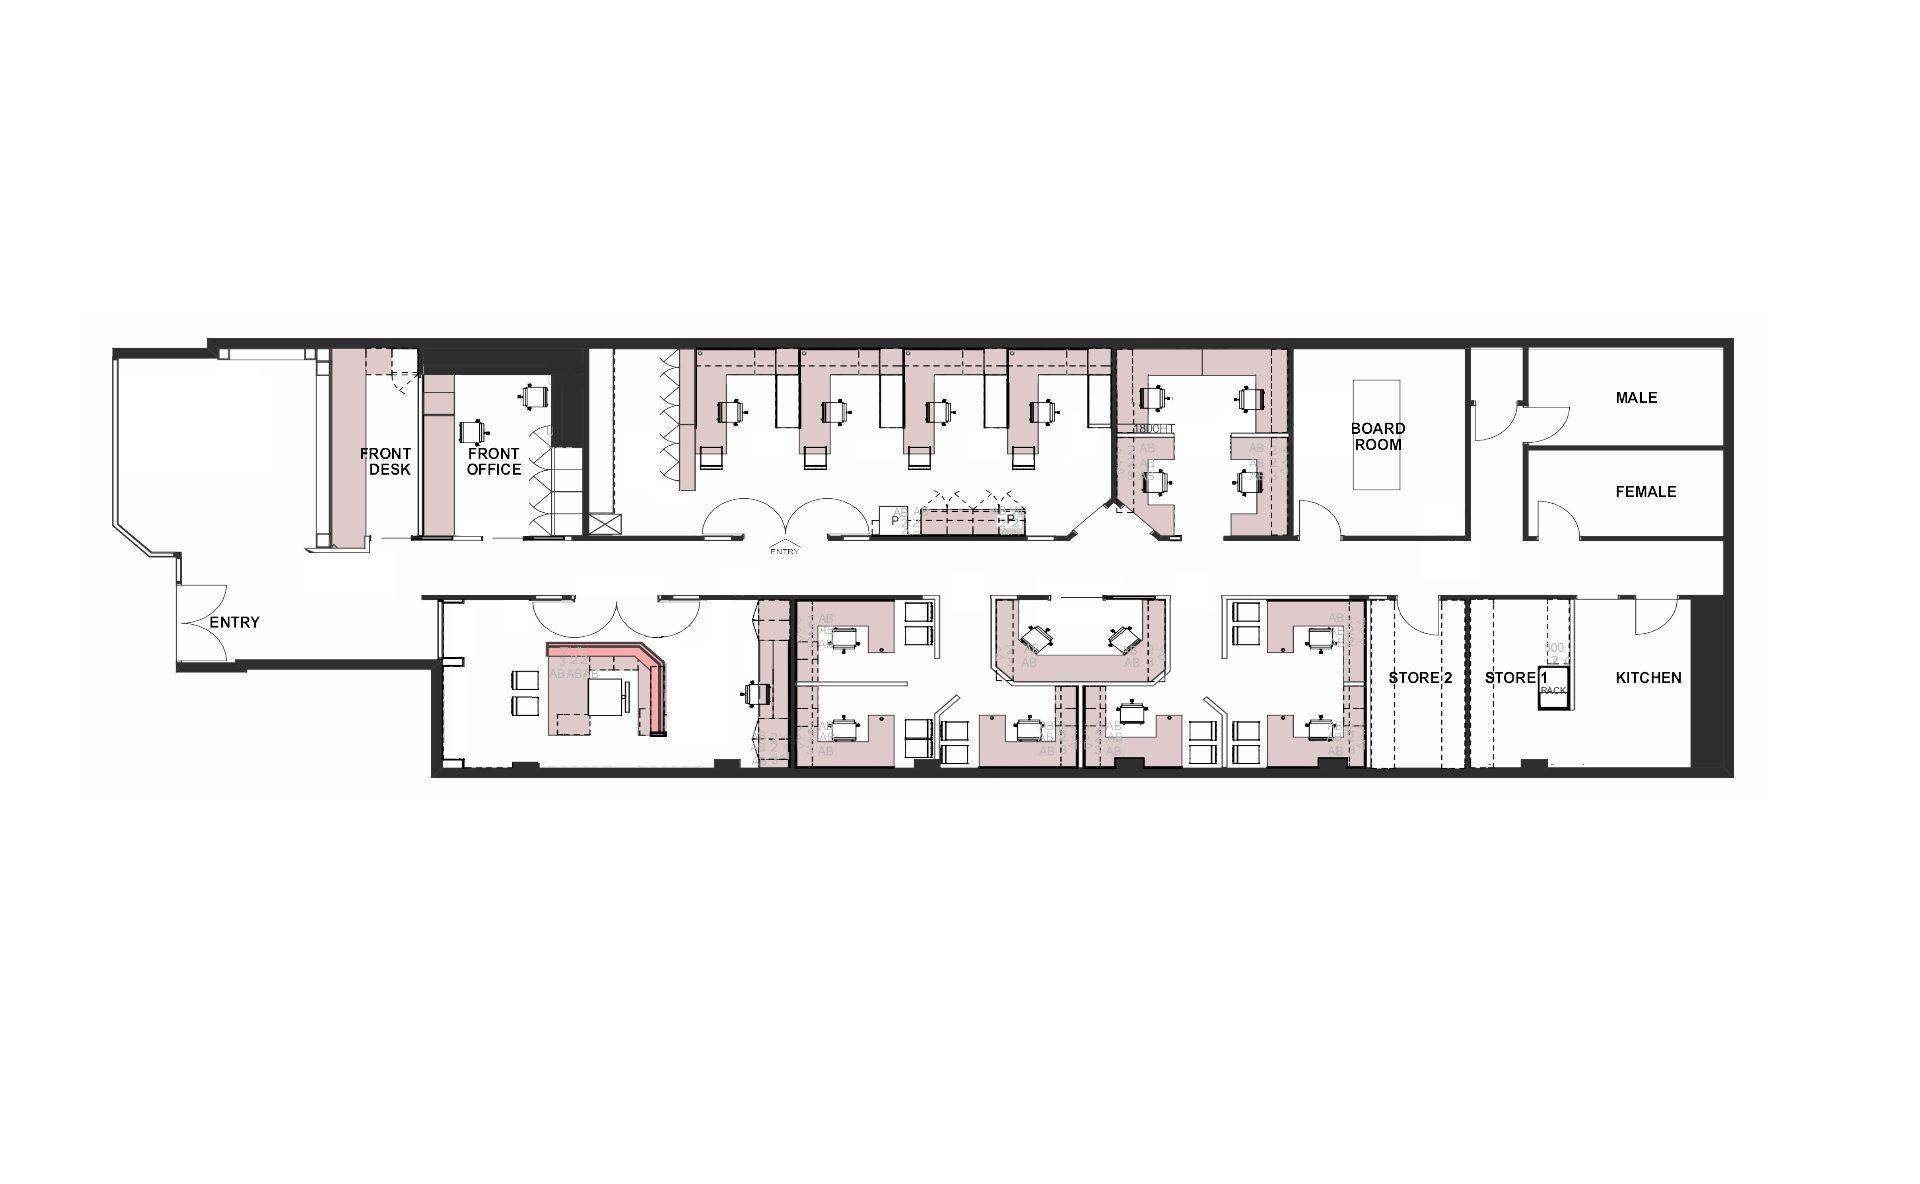 Premium Ground Floor - 275 sqm